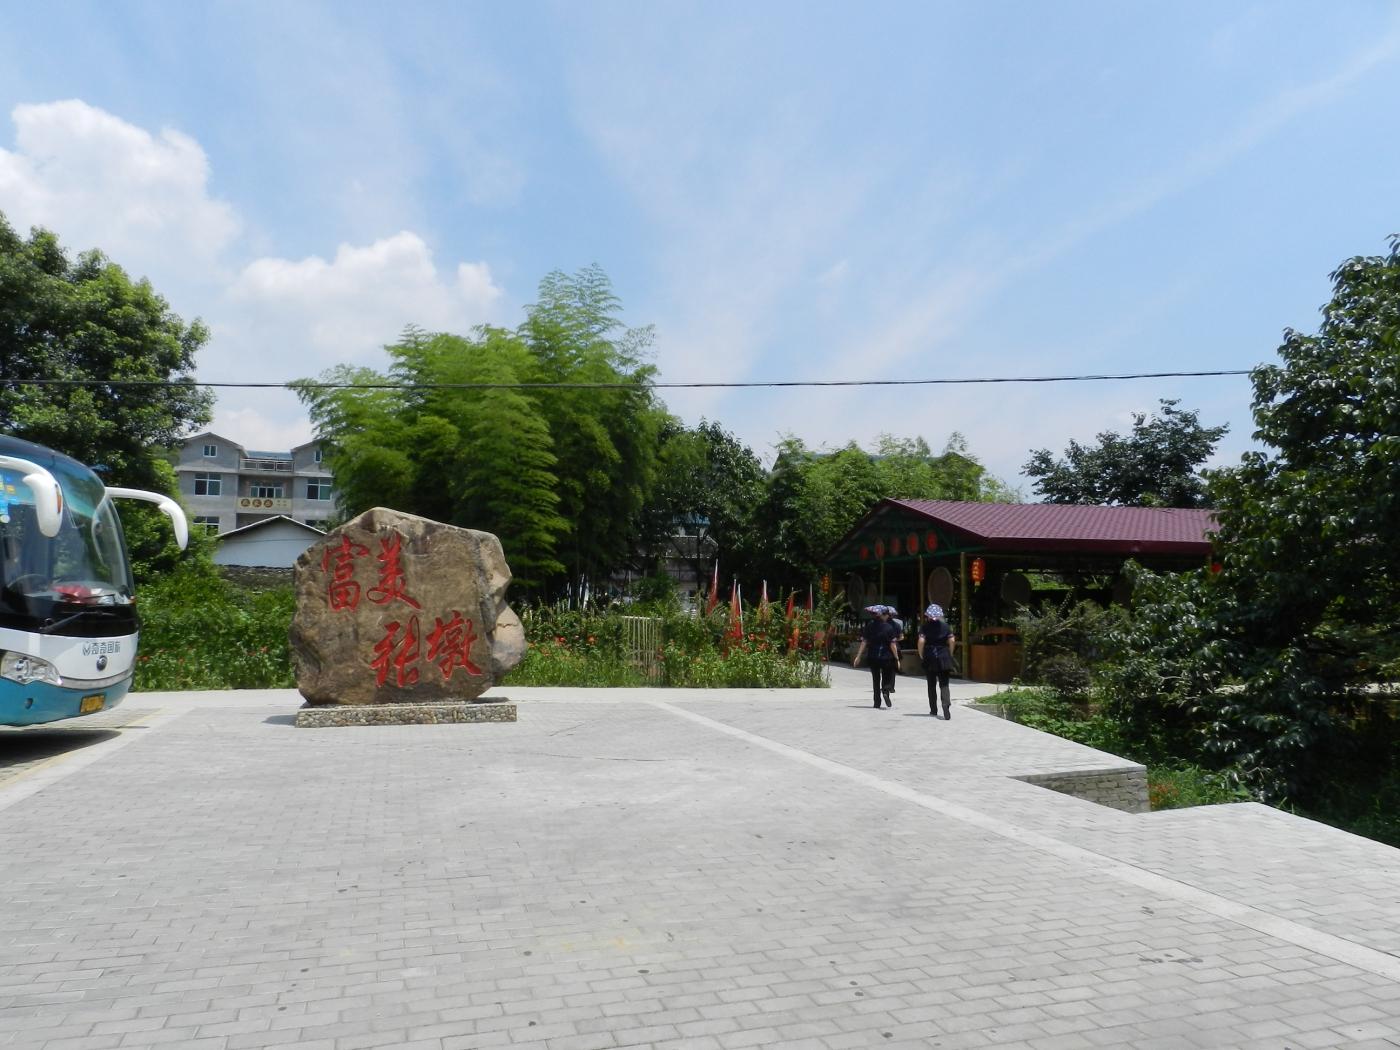 【汉良子】承载乡愁的地方---福建顺昌张墩村(美丽乡村之二十四) ... ..._图1-7